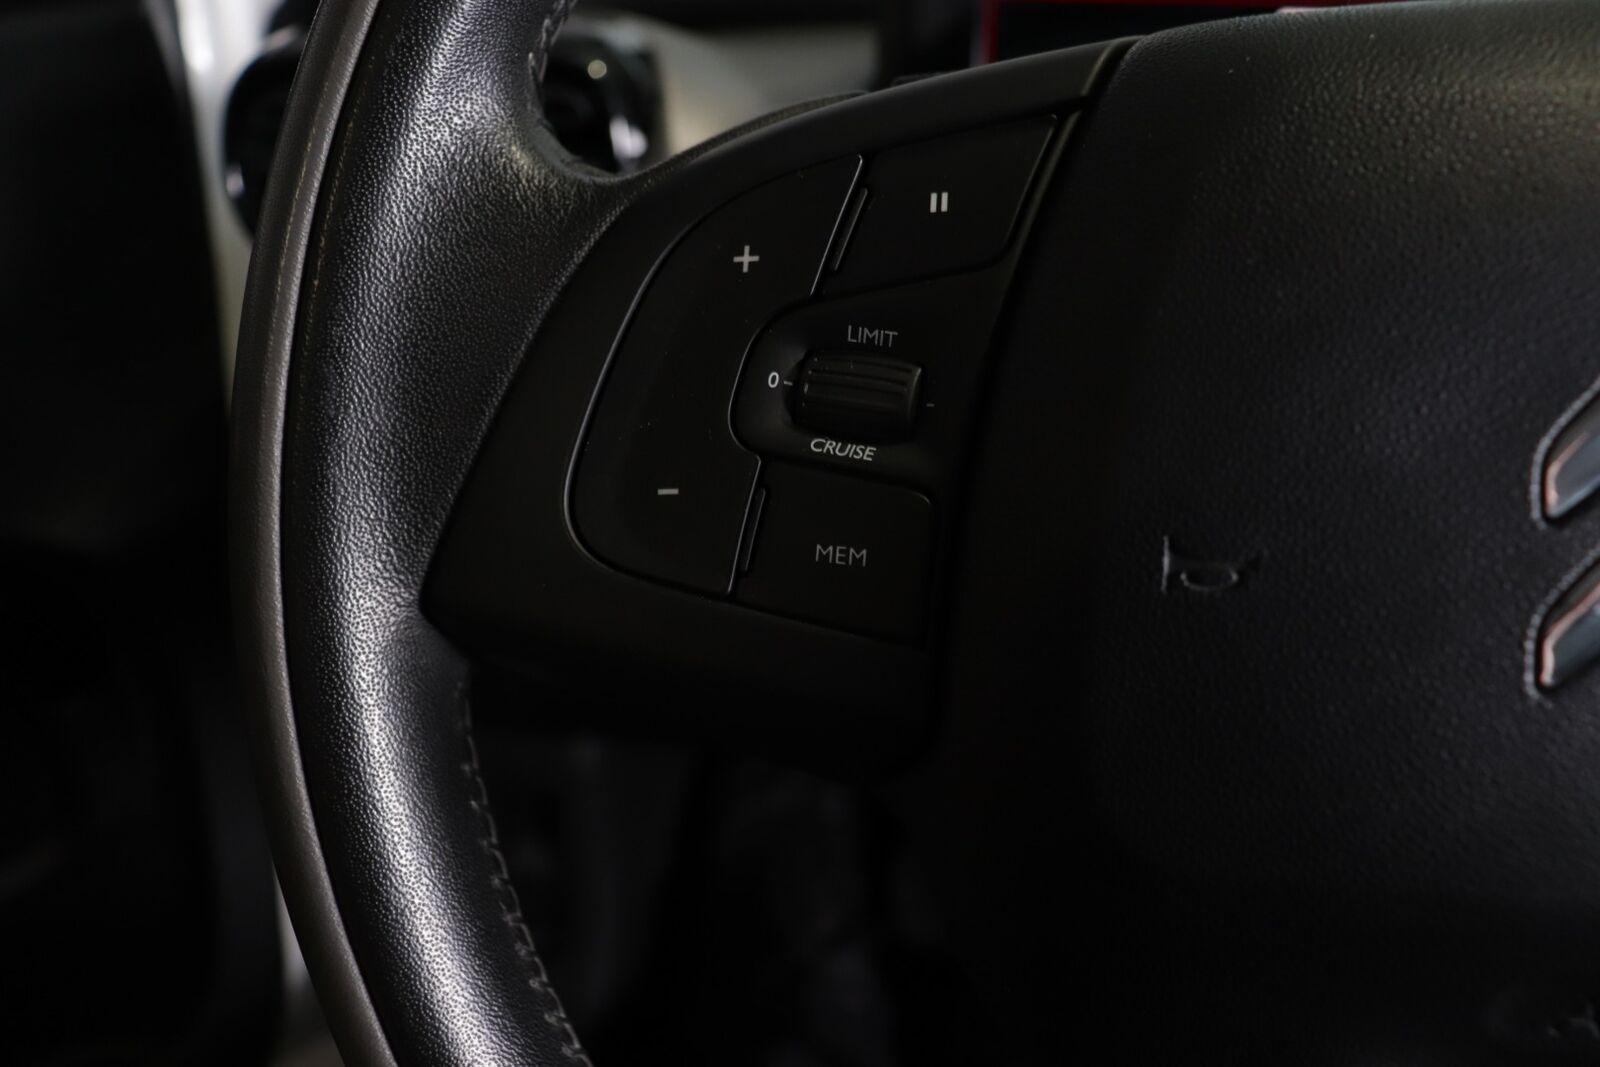 Citroën C4 Cactus BlueHDi 100 Feel